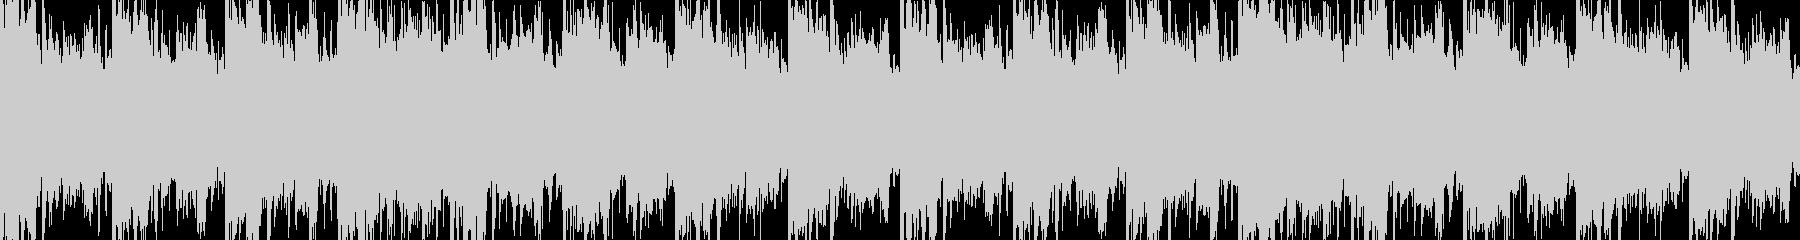 幻想的なループBGMの未再生の波形